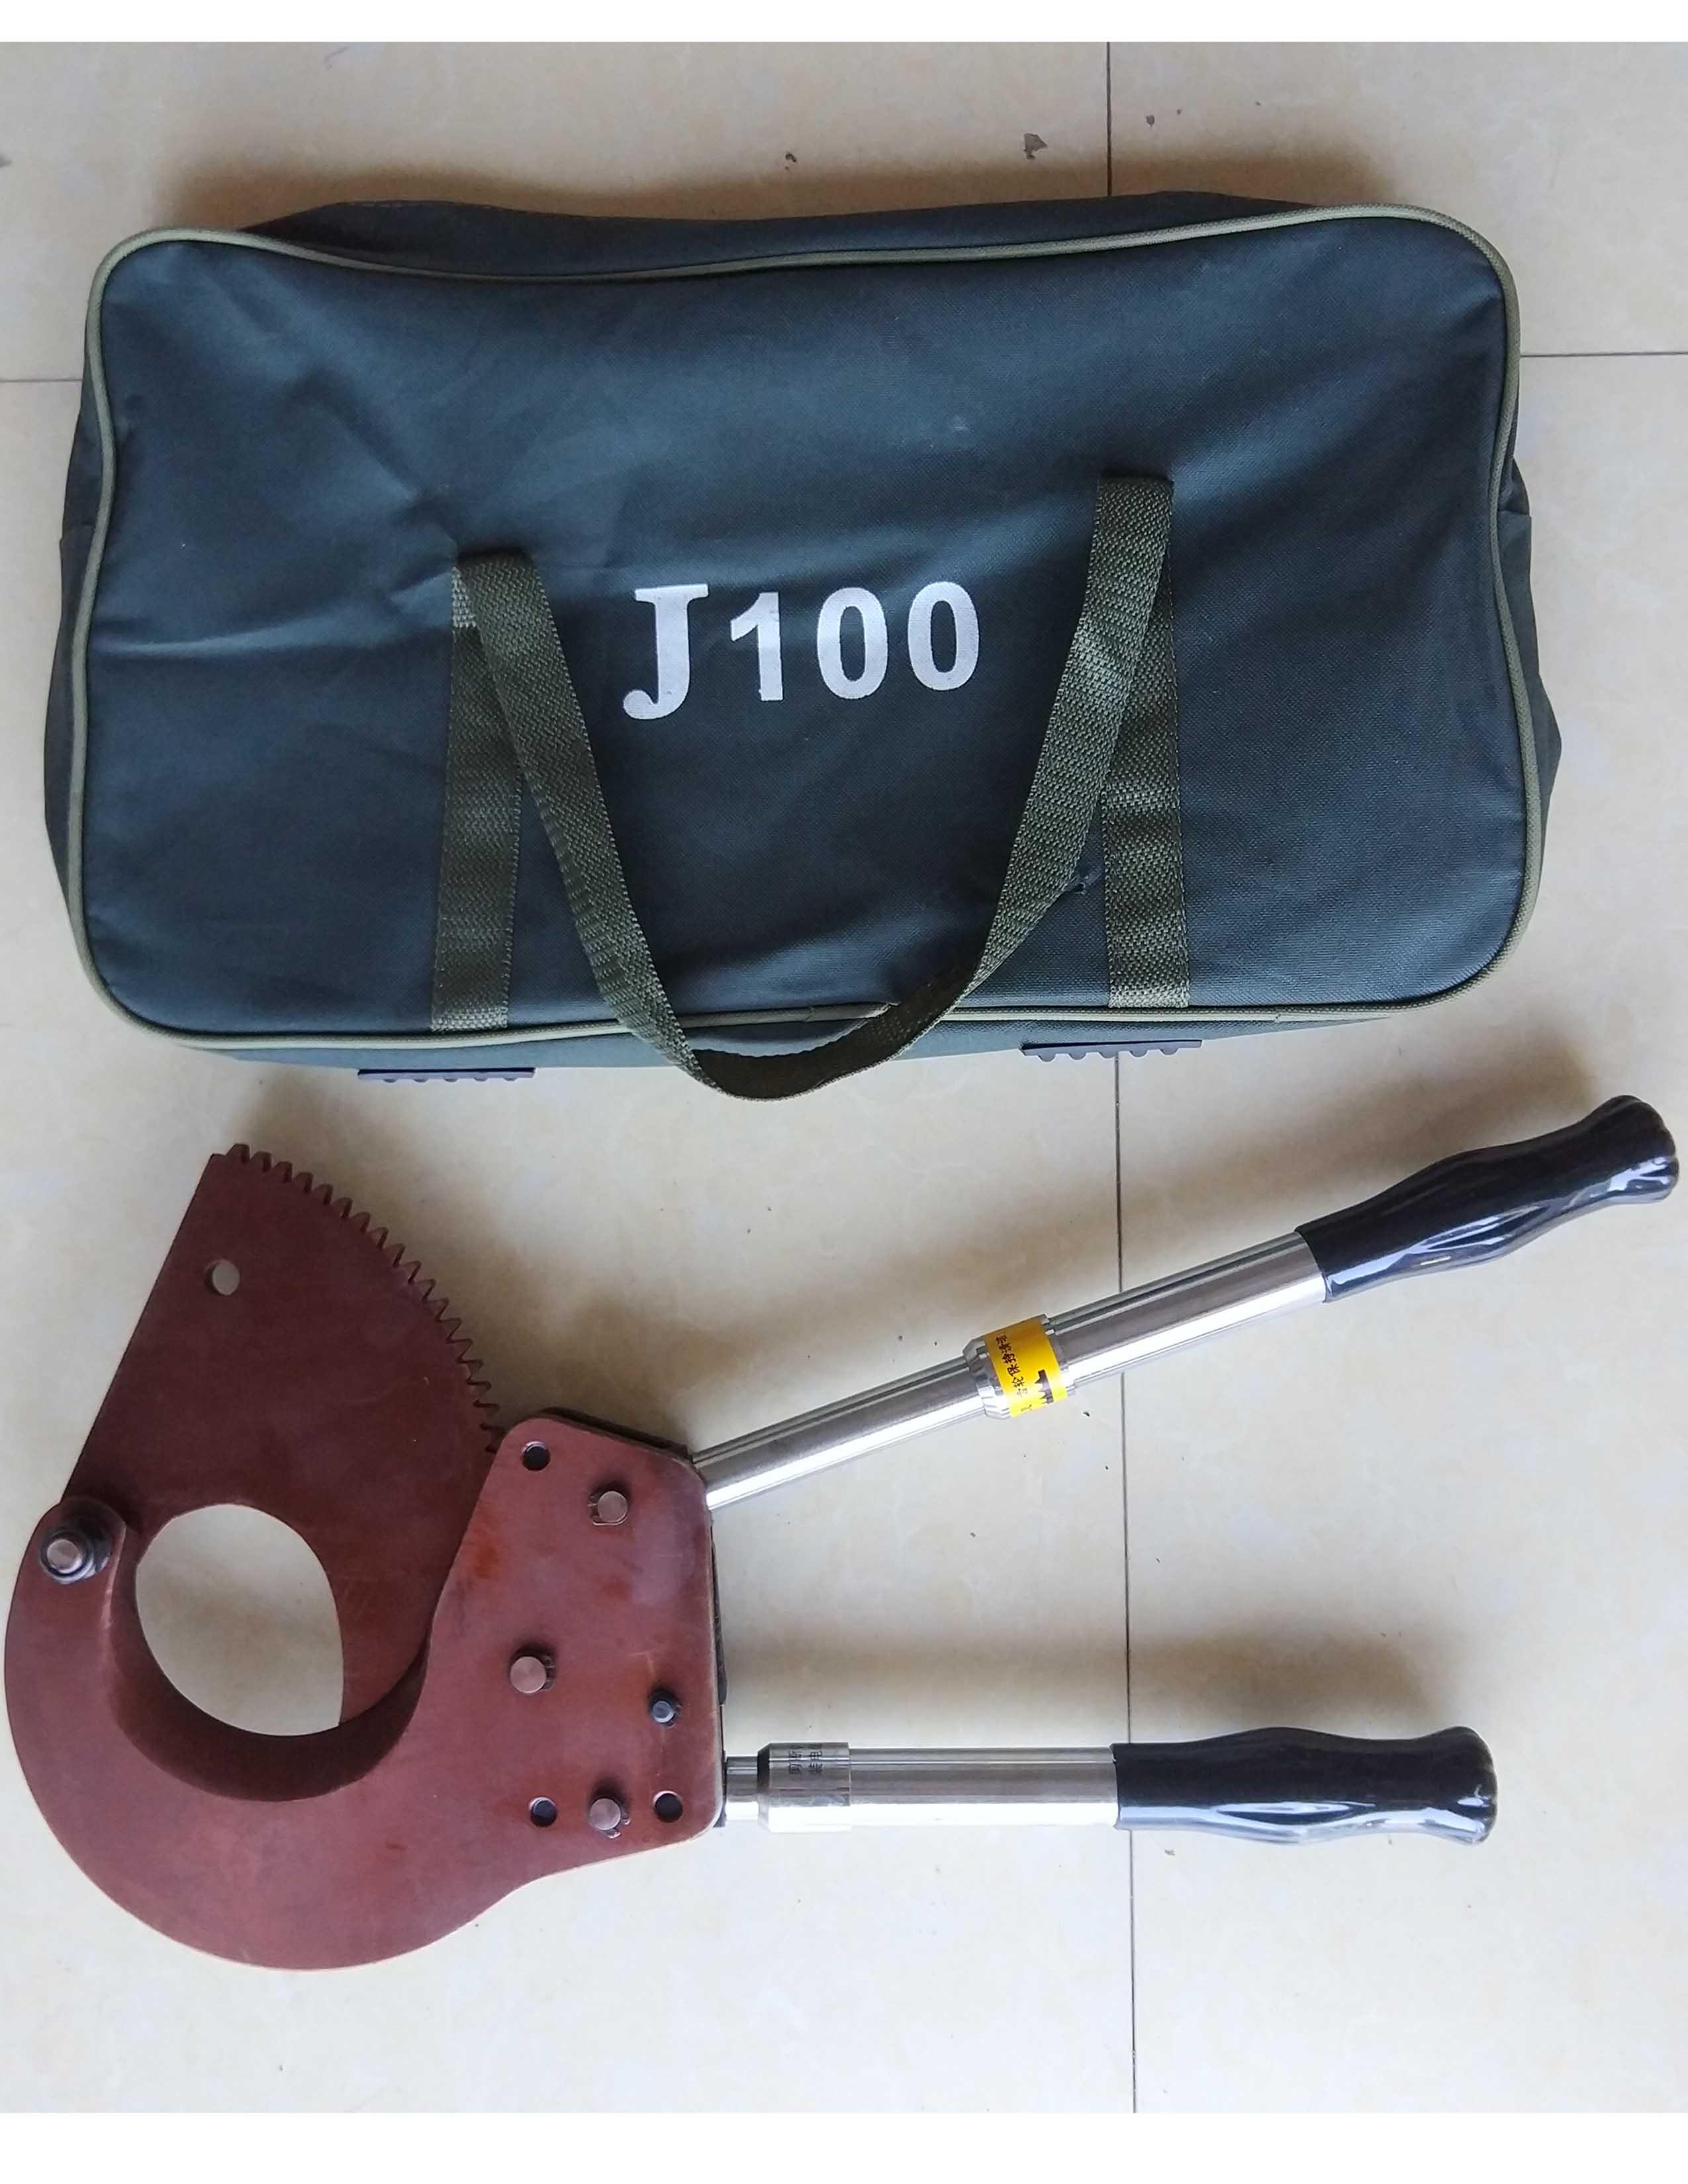 棘輪電纜剪斷線鉗齒輪線纜剪電線剪電工銅鋁線電纜剪刀J-100